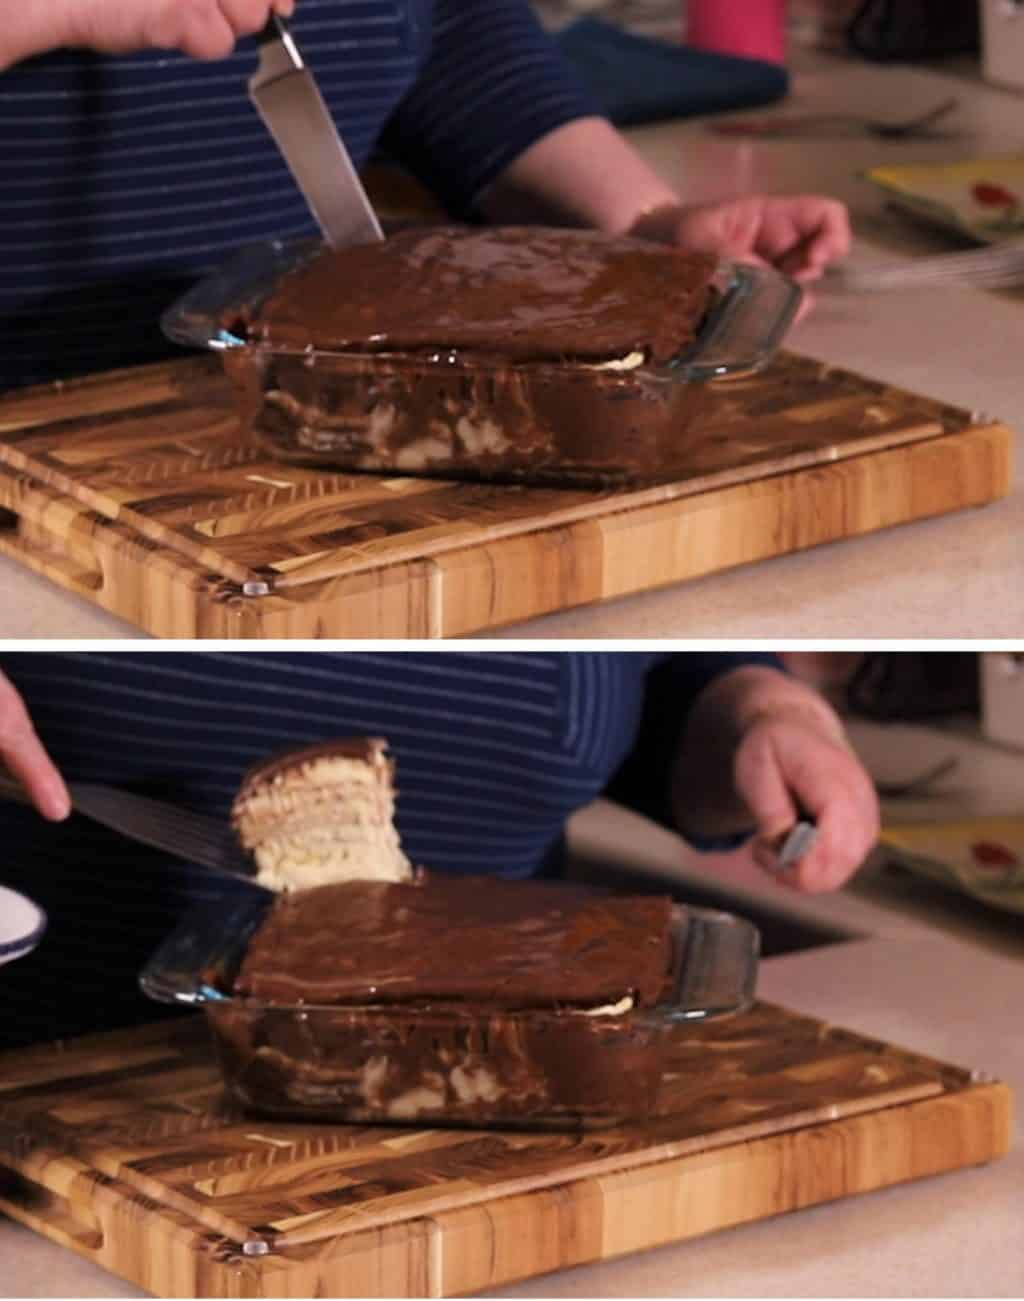 Cutting the Passover Matzo Icebox Cake